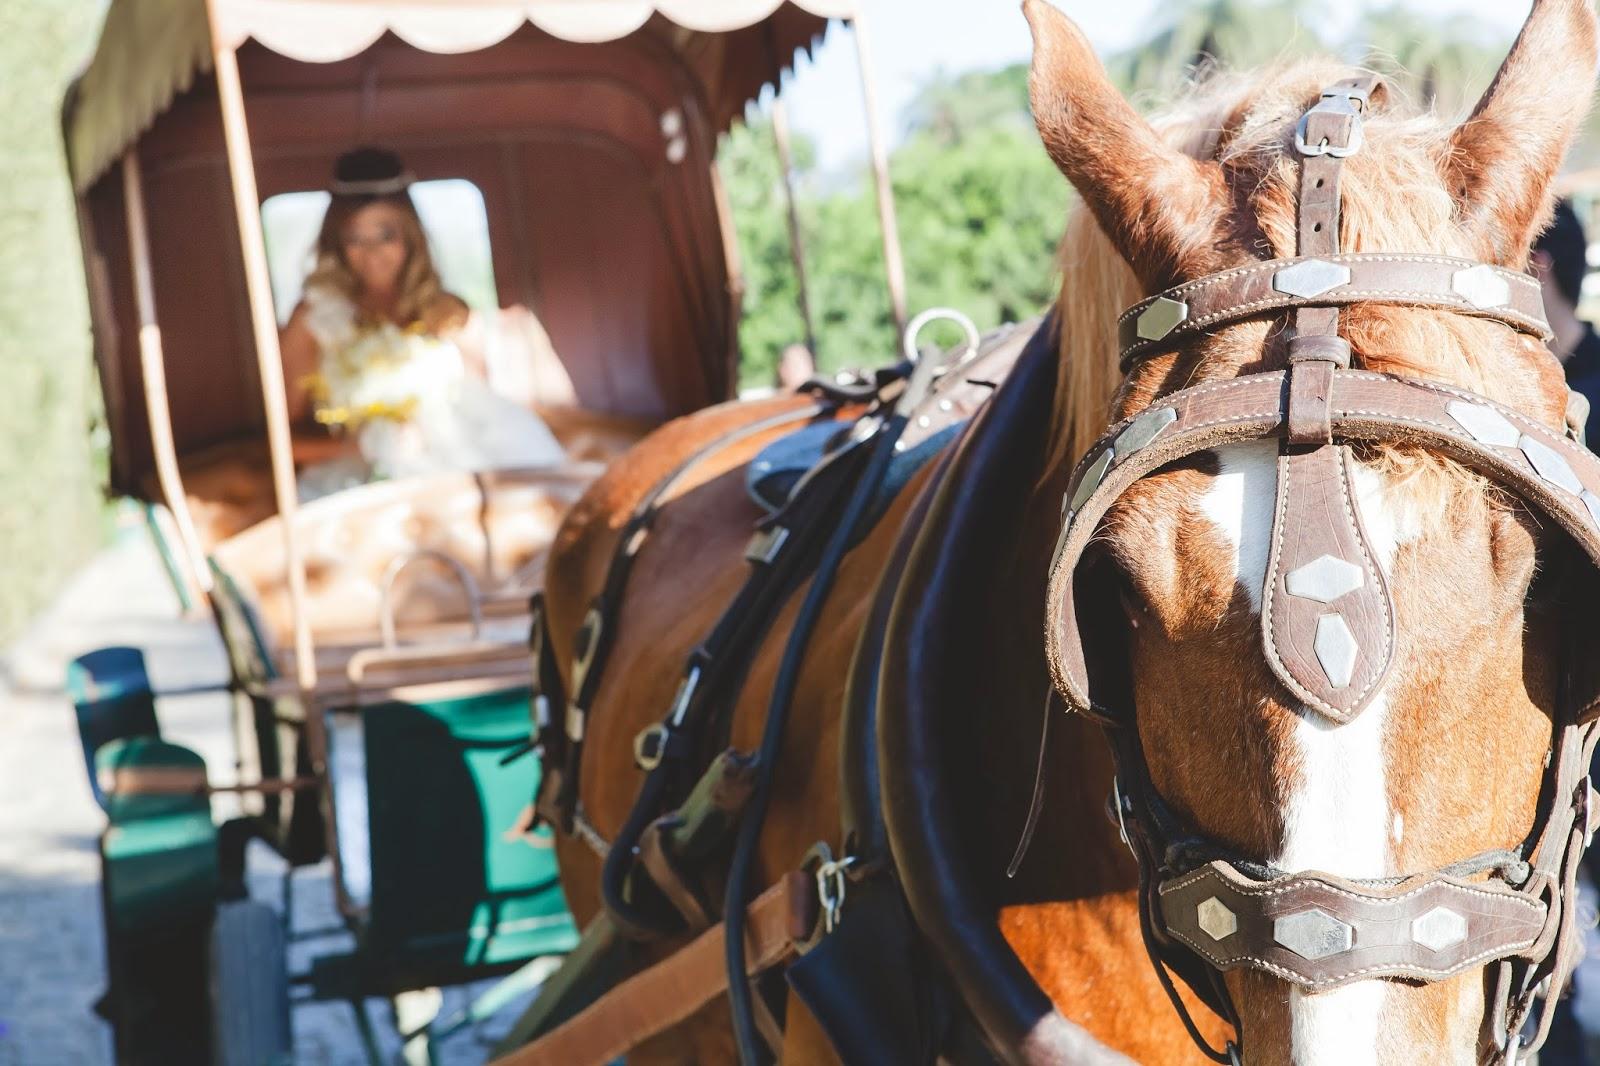 entrada noiva - noiva - charrete - carruagem - carro noiva - casamento de dia - casamento ao ar livre